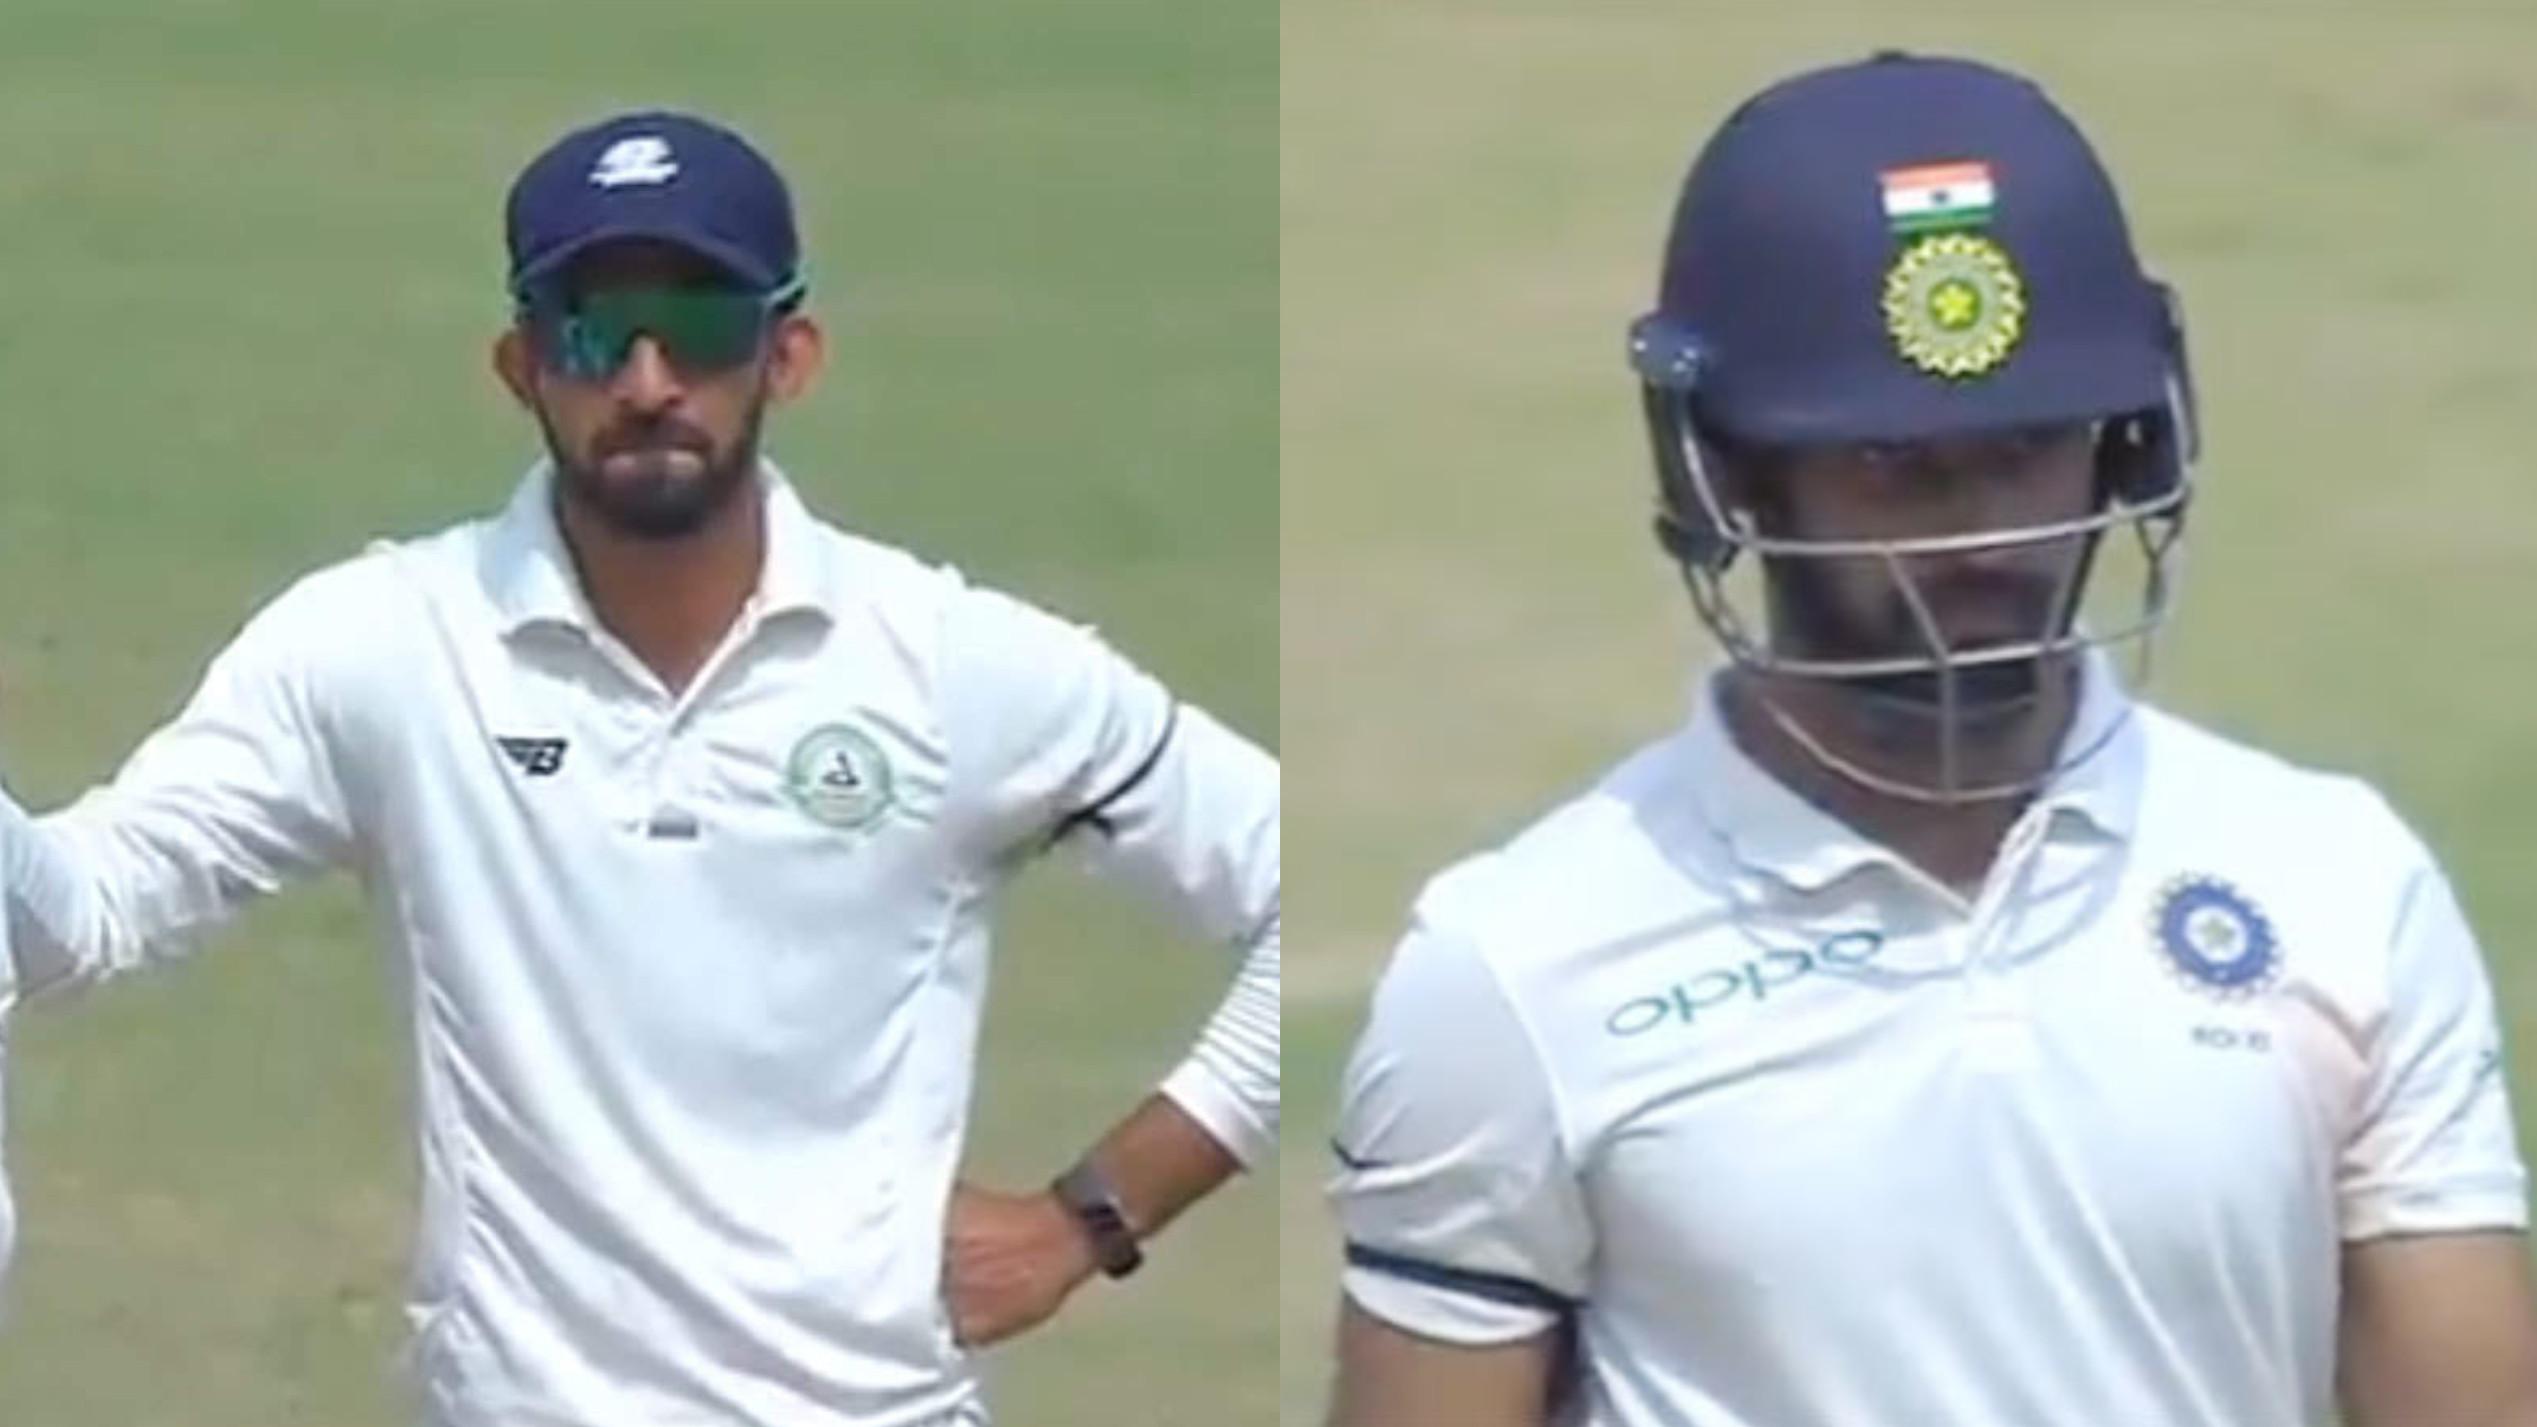 विदर्भ और शेष भारत के खिलाड़ियों ने पुलवामा हमले में शहीद हुए जवानो के प्रति शोक जताने के लिए बाँधी काली पट्टी